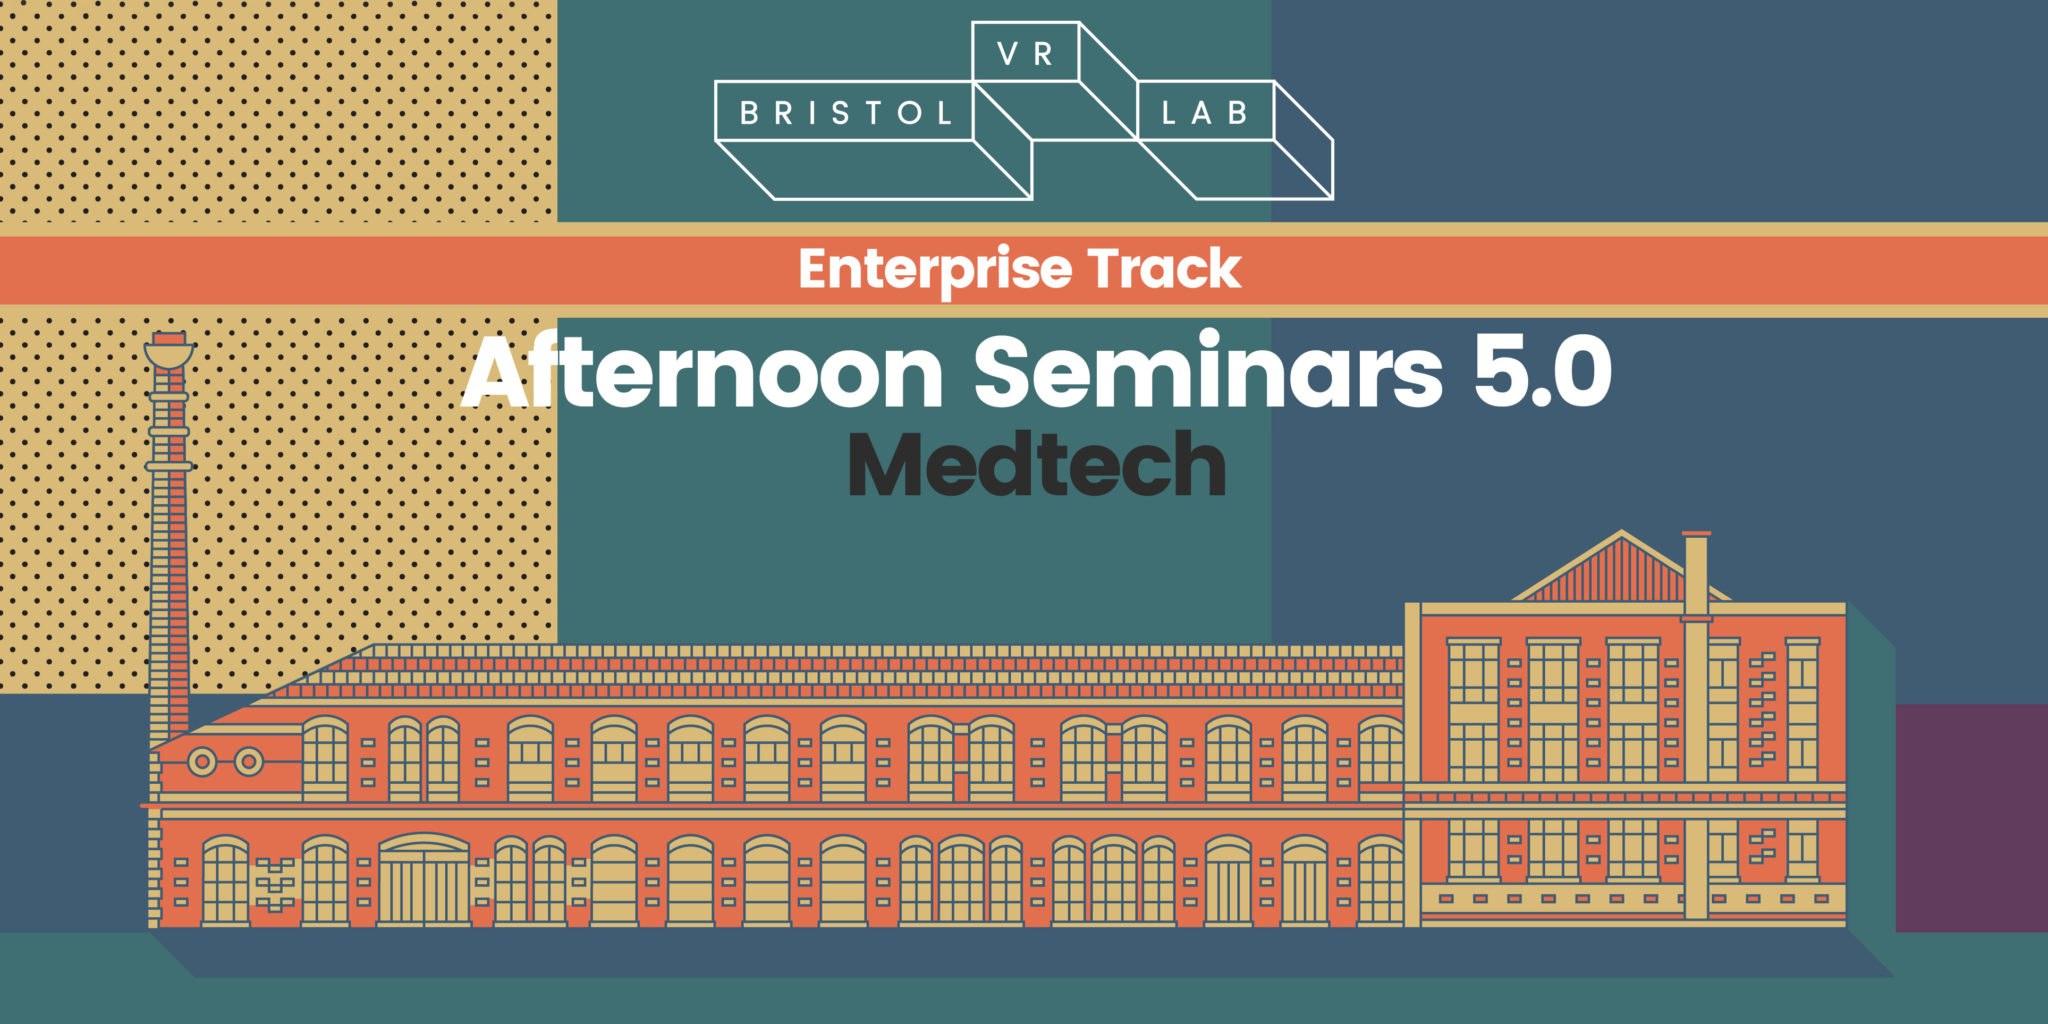 BVRL Afternoon Seminars 5.0 – MedTech